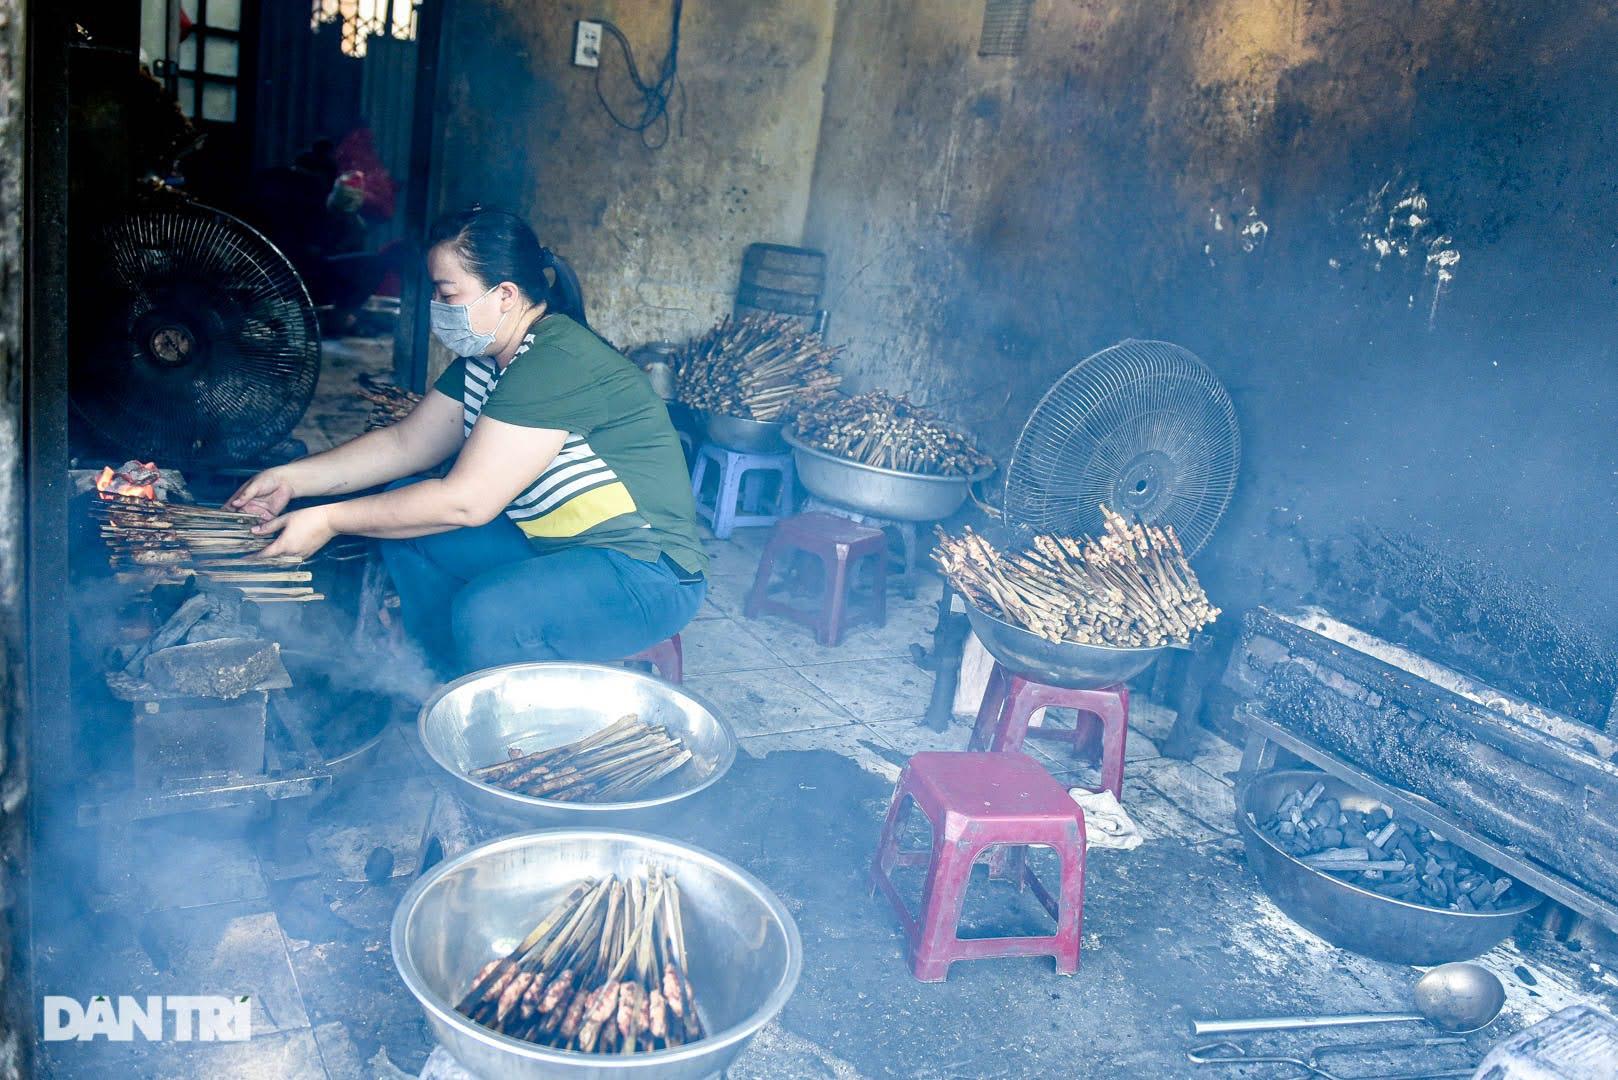 Hiếm có ở Hà Nội: Bún chả kẹp que tre nướng, ngày bán hàng trăm suất - Ảnh 6.